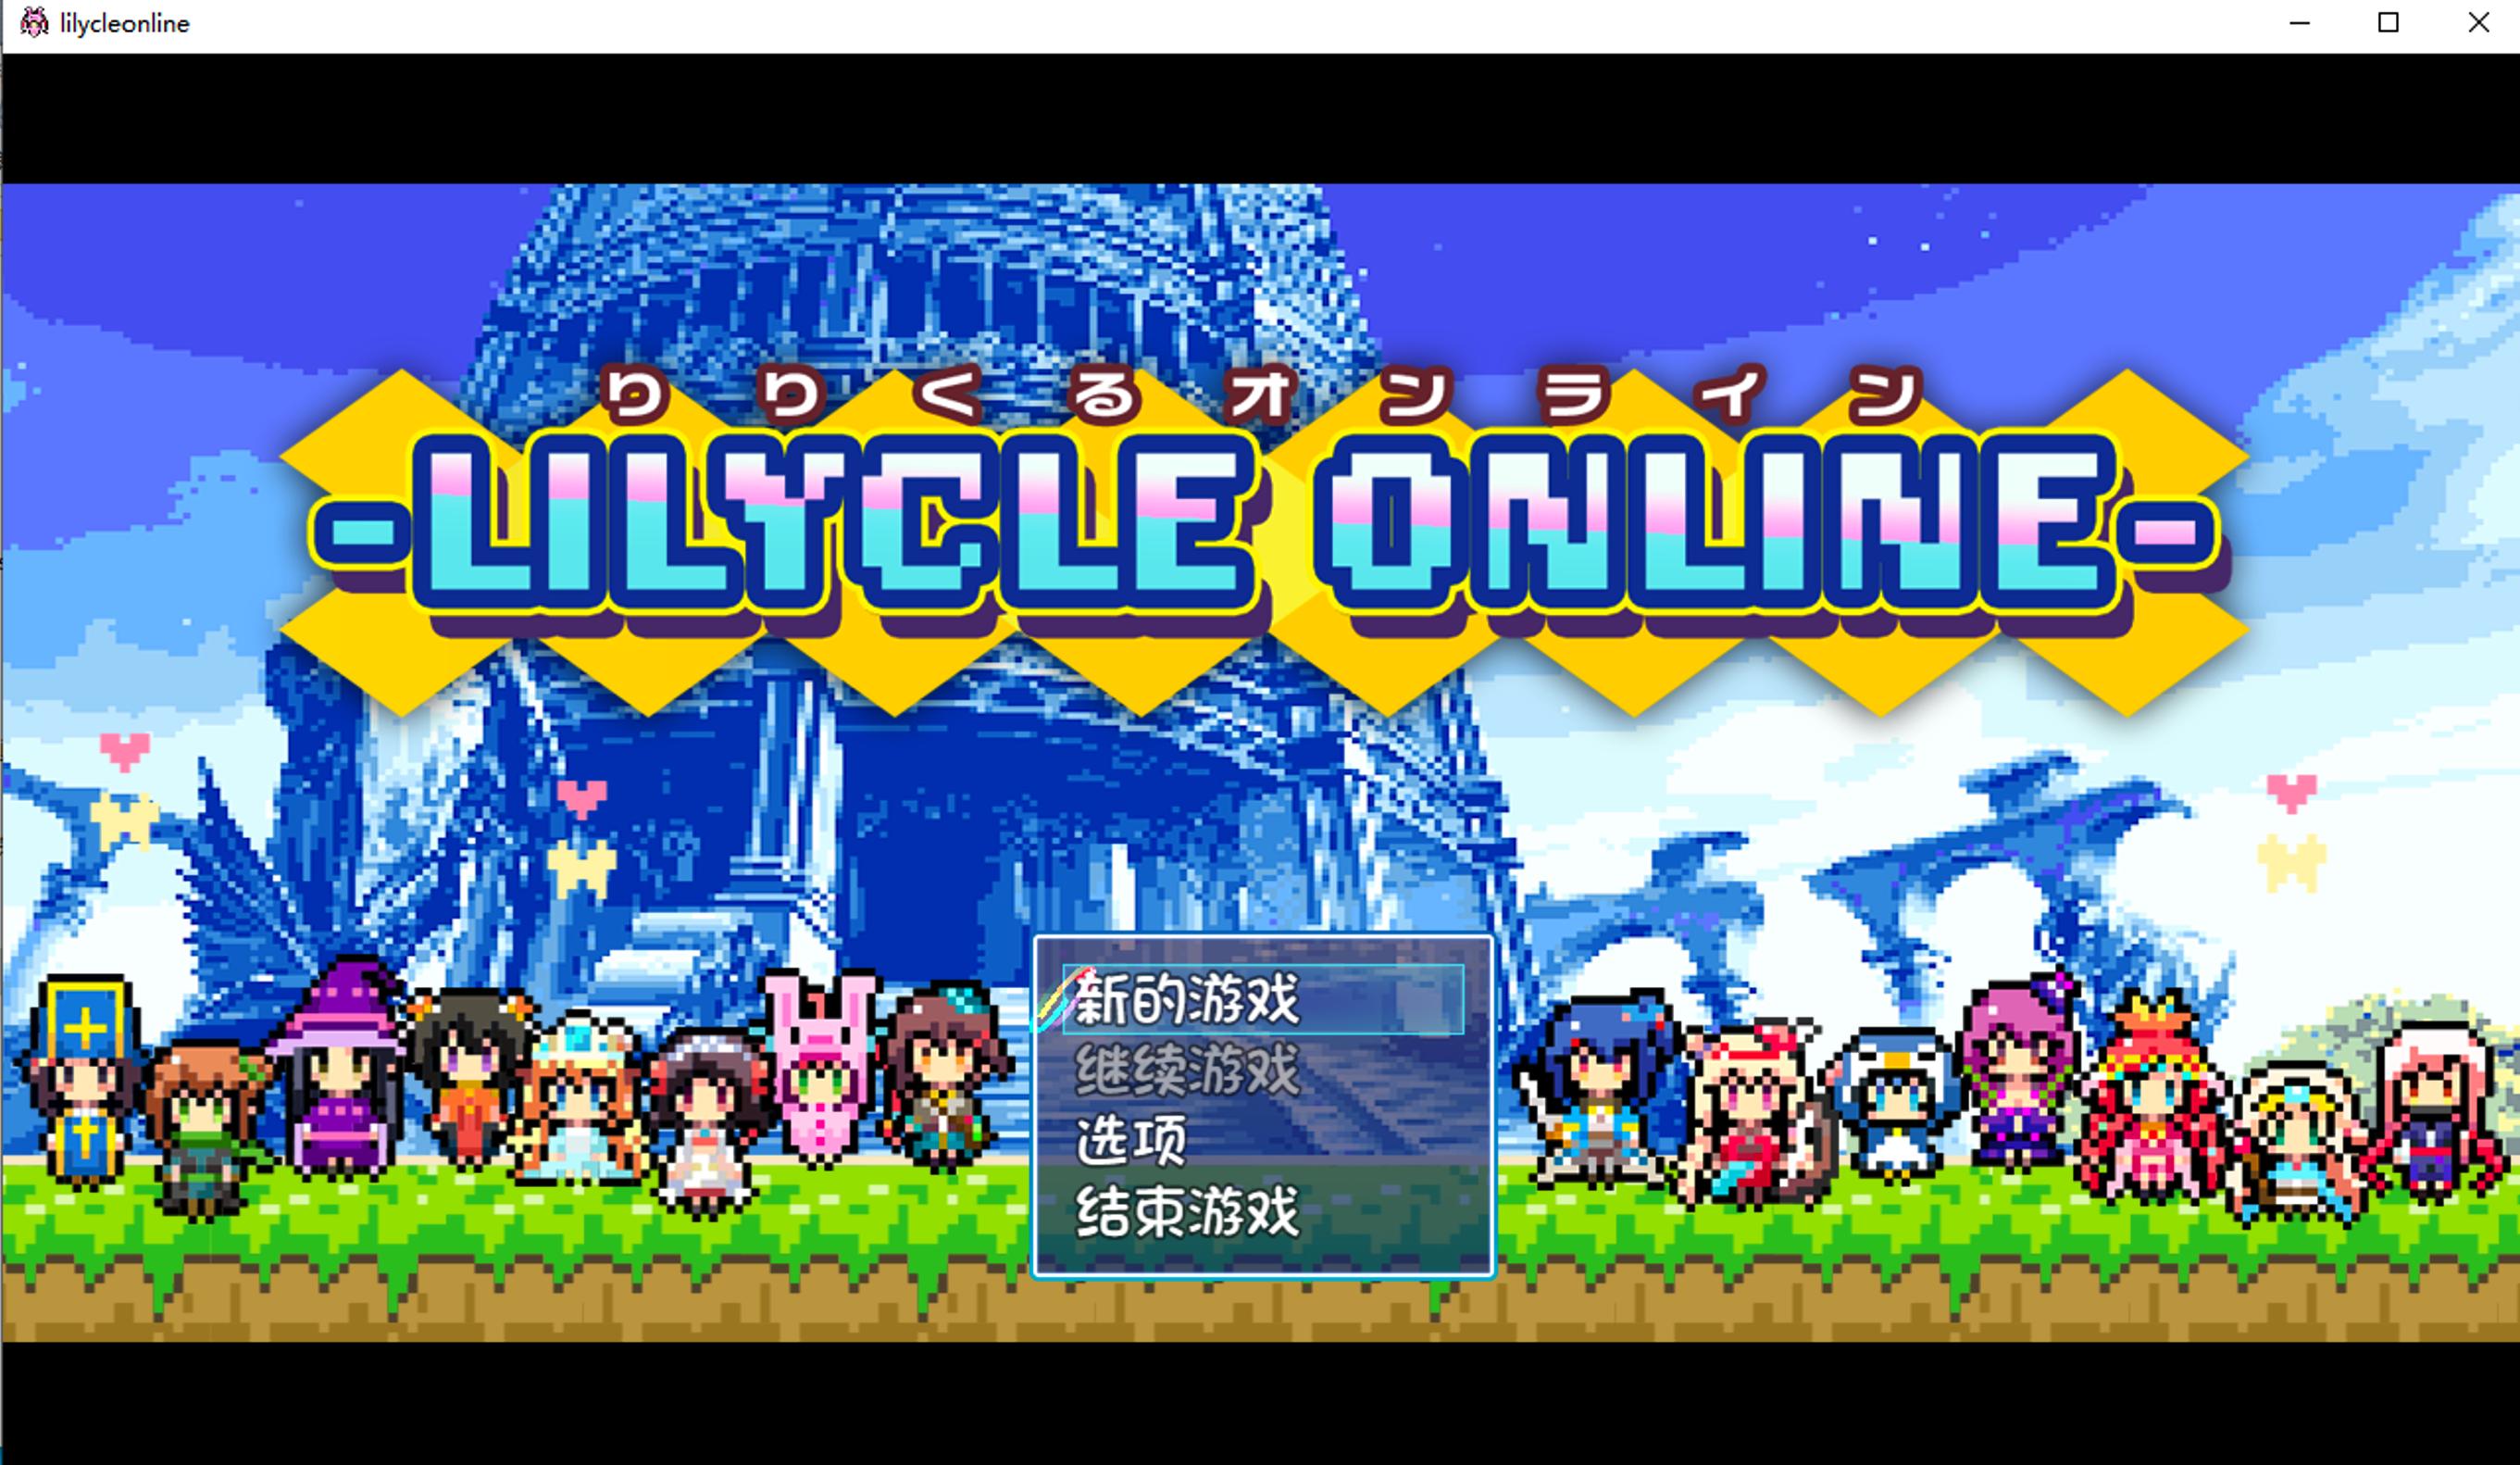 [RPG/汉化/百合]Lilycle彩虹舞台同人RPGlilycleonline汉化版[535MB] 2